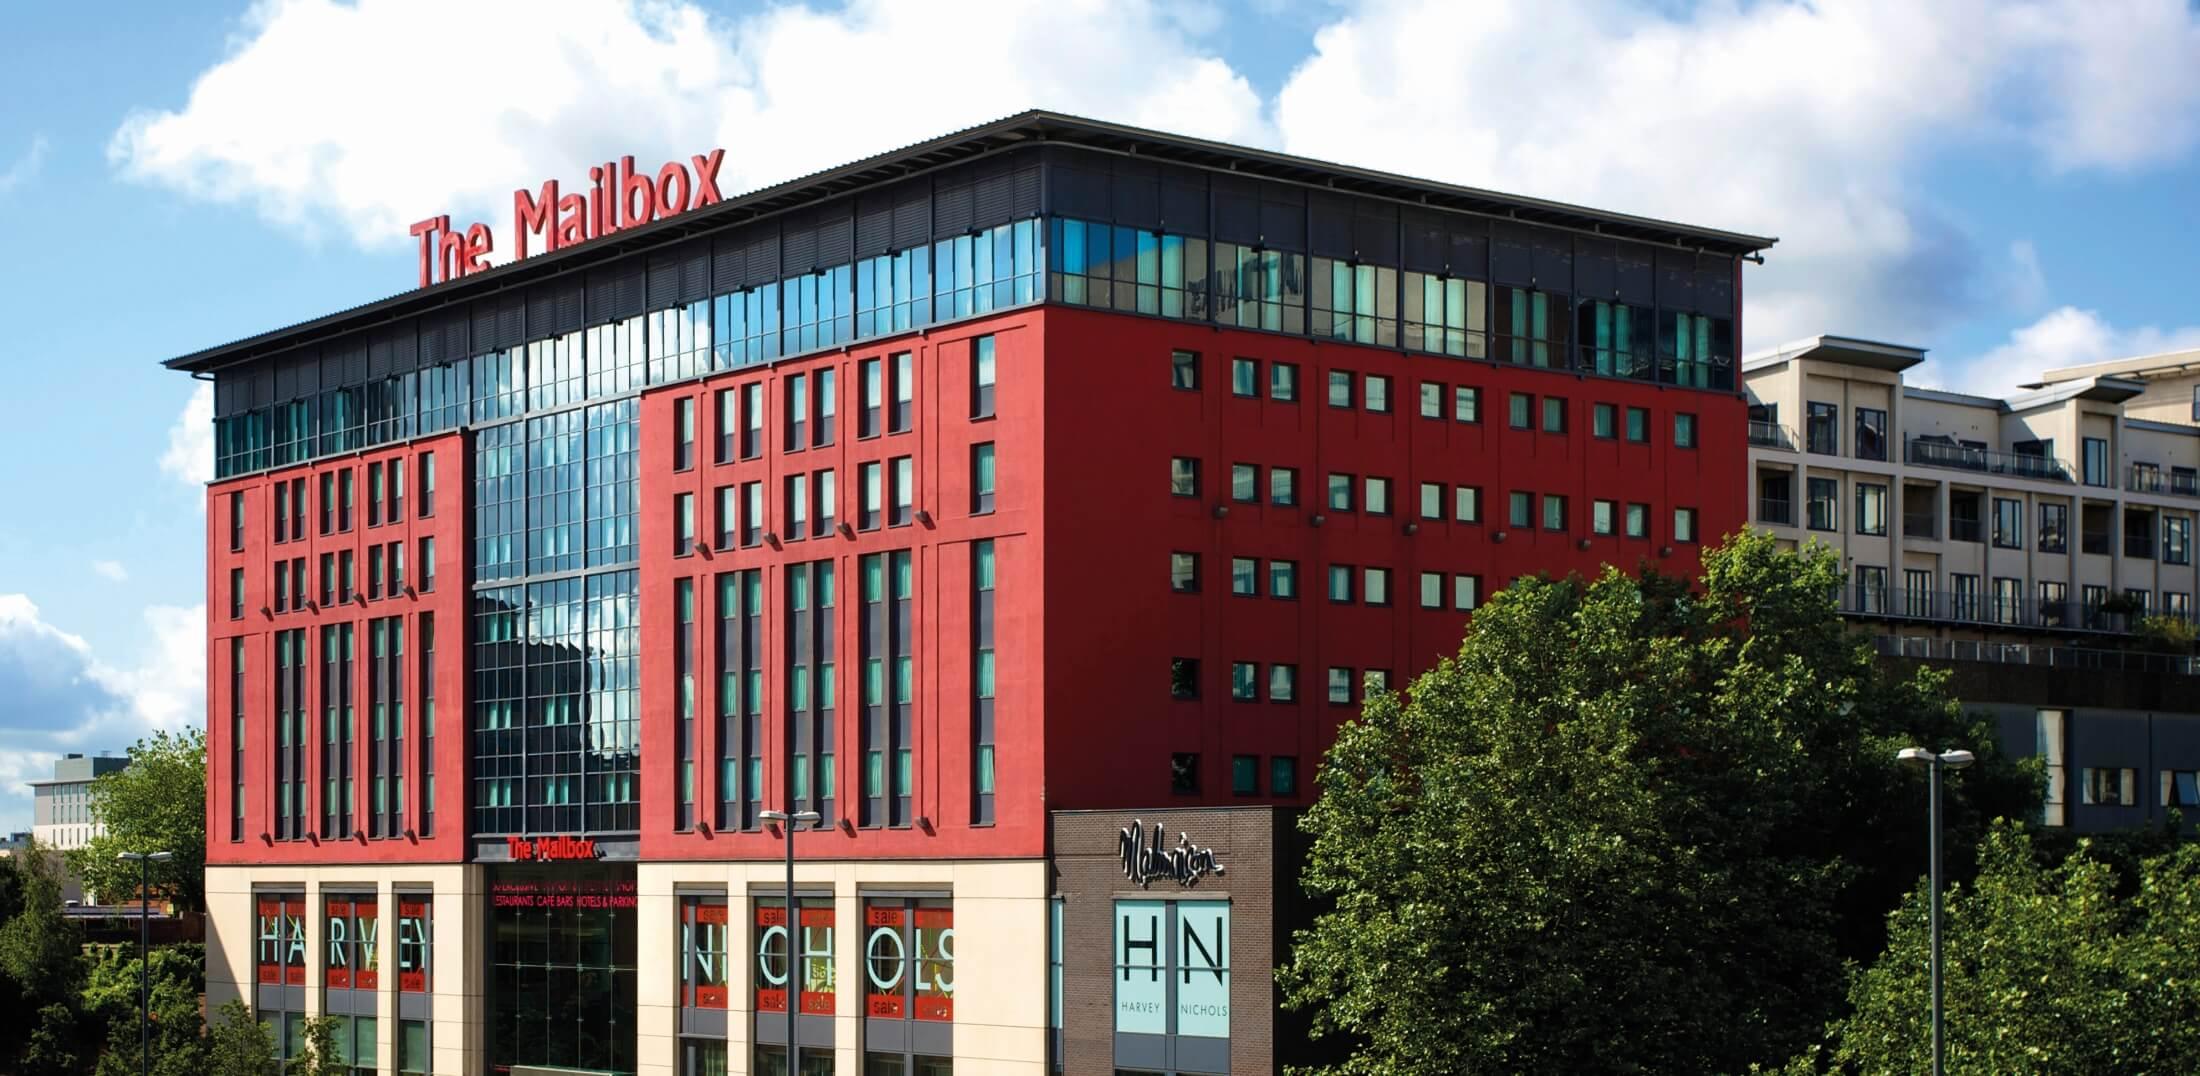 The Mailbox building located in Birmingham